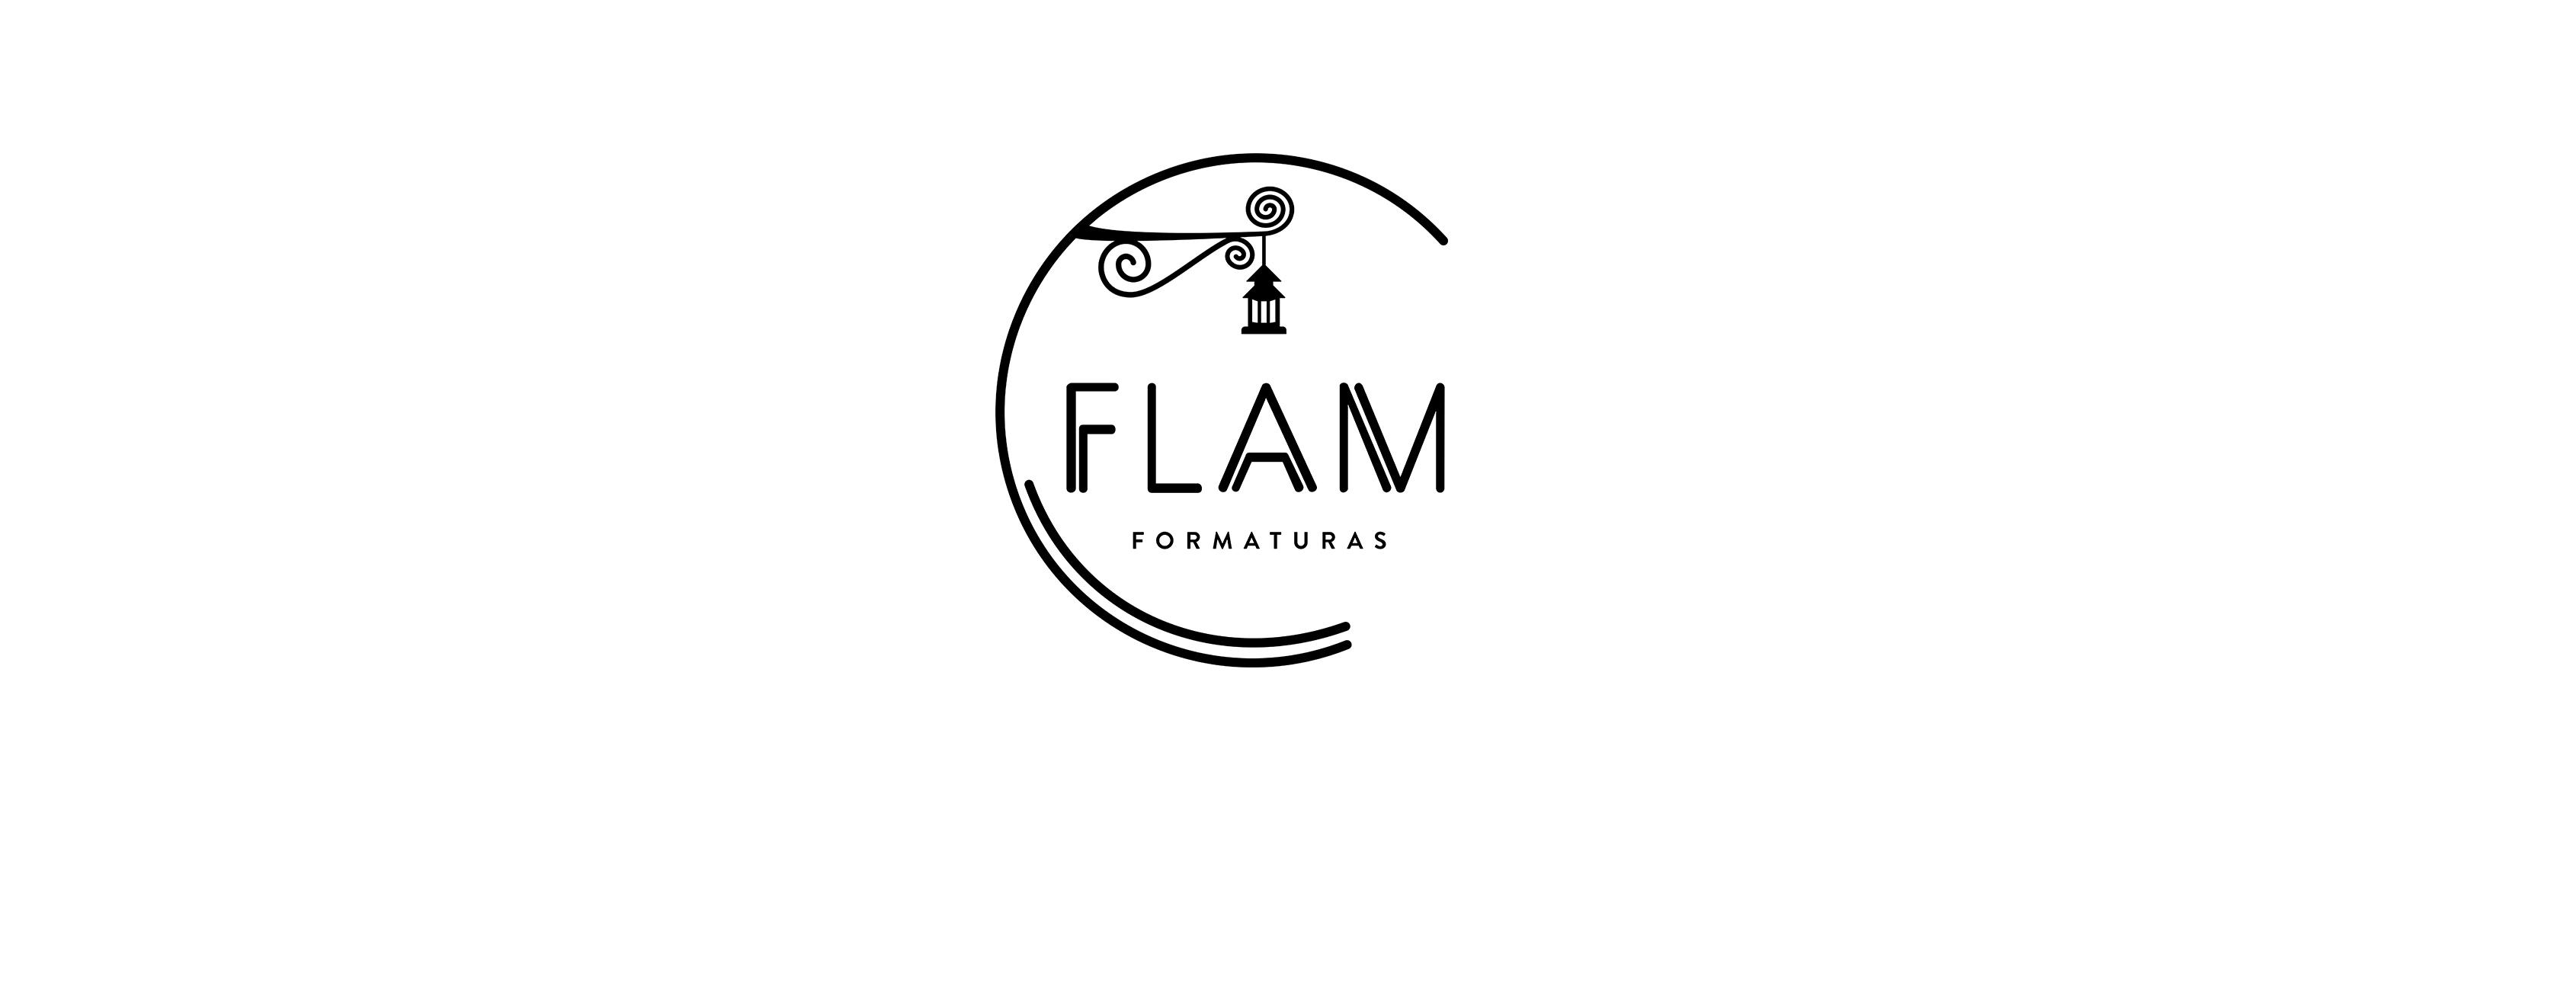 Contate Flam Formaturas Petrolina